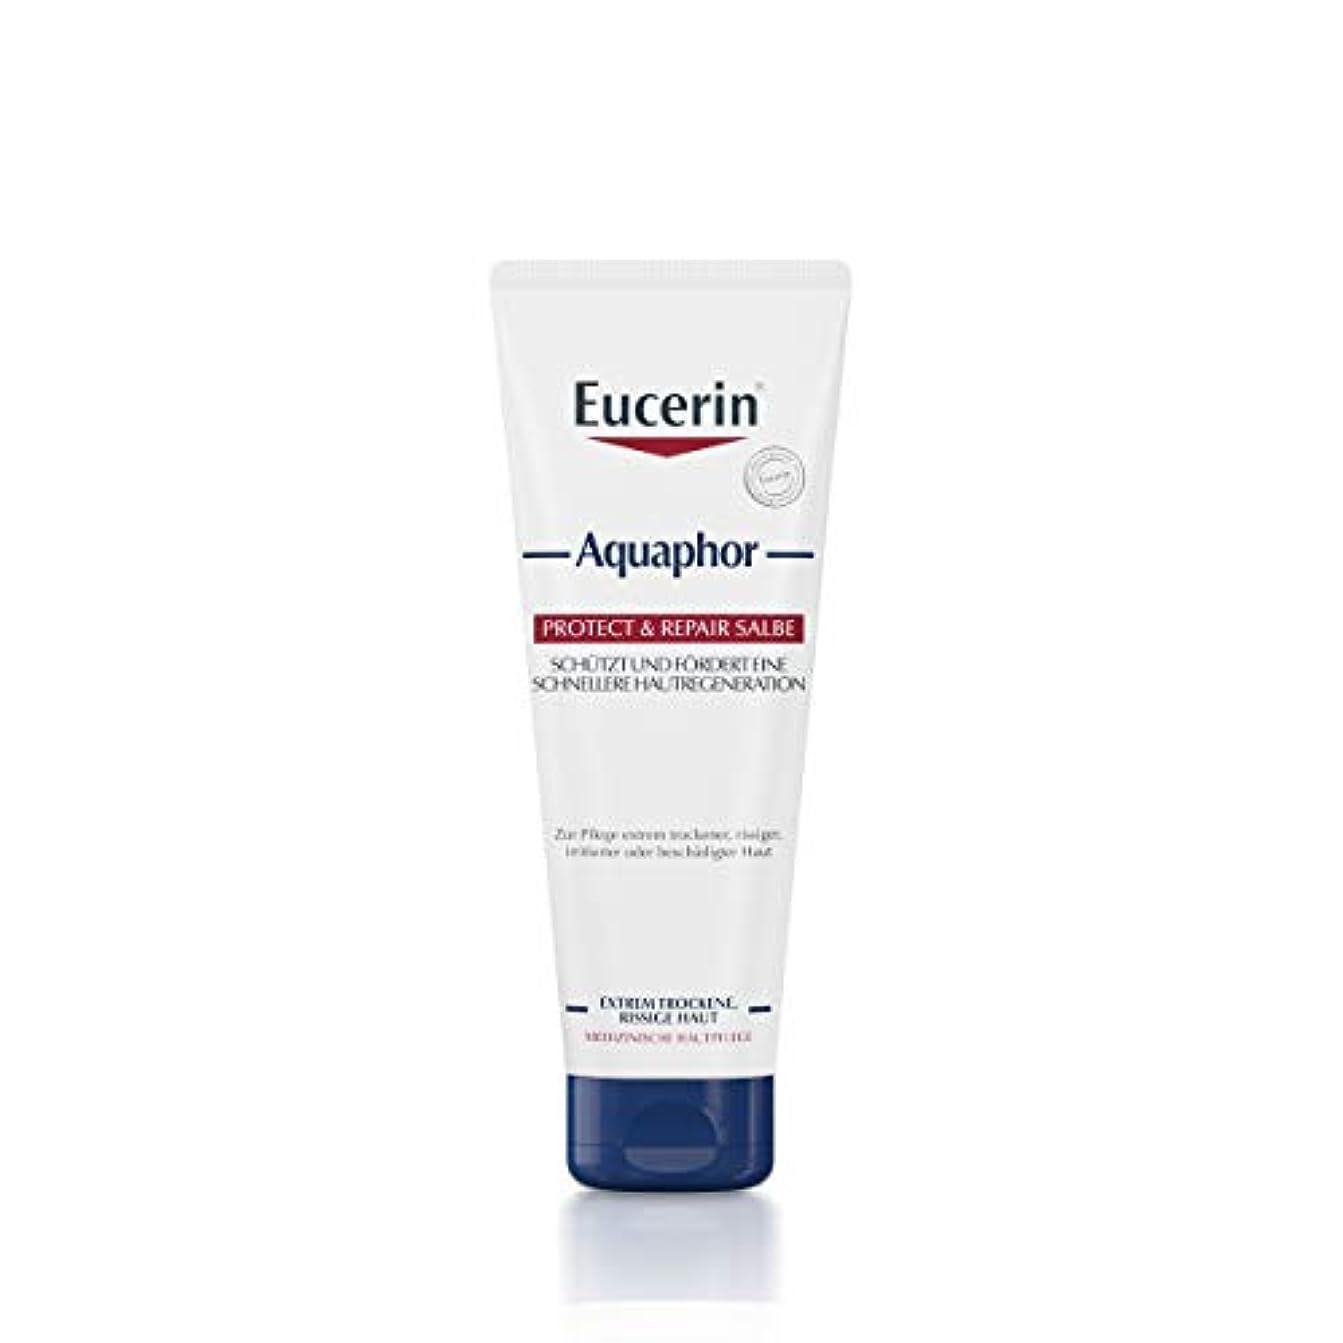 治す船乗り飲み込むEucerin Aquaphor Soothing Skin Balm 220ml - EucerinのAquaphor心地よいスキンクリーム220ミリリットル (Eucerin) [並行輸入品]